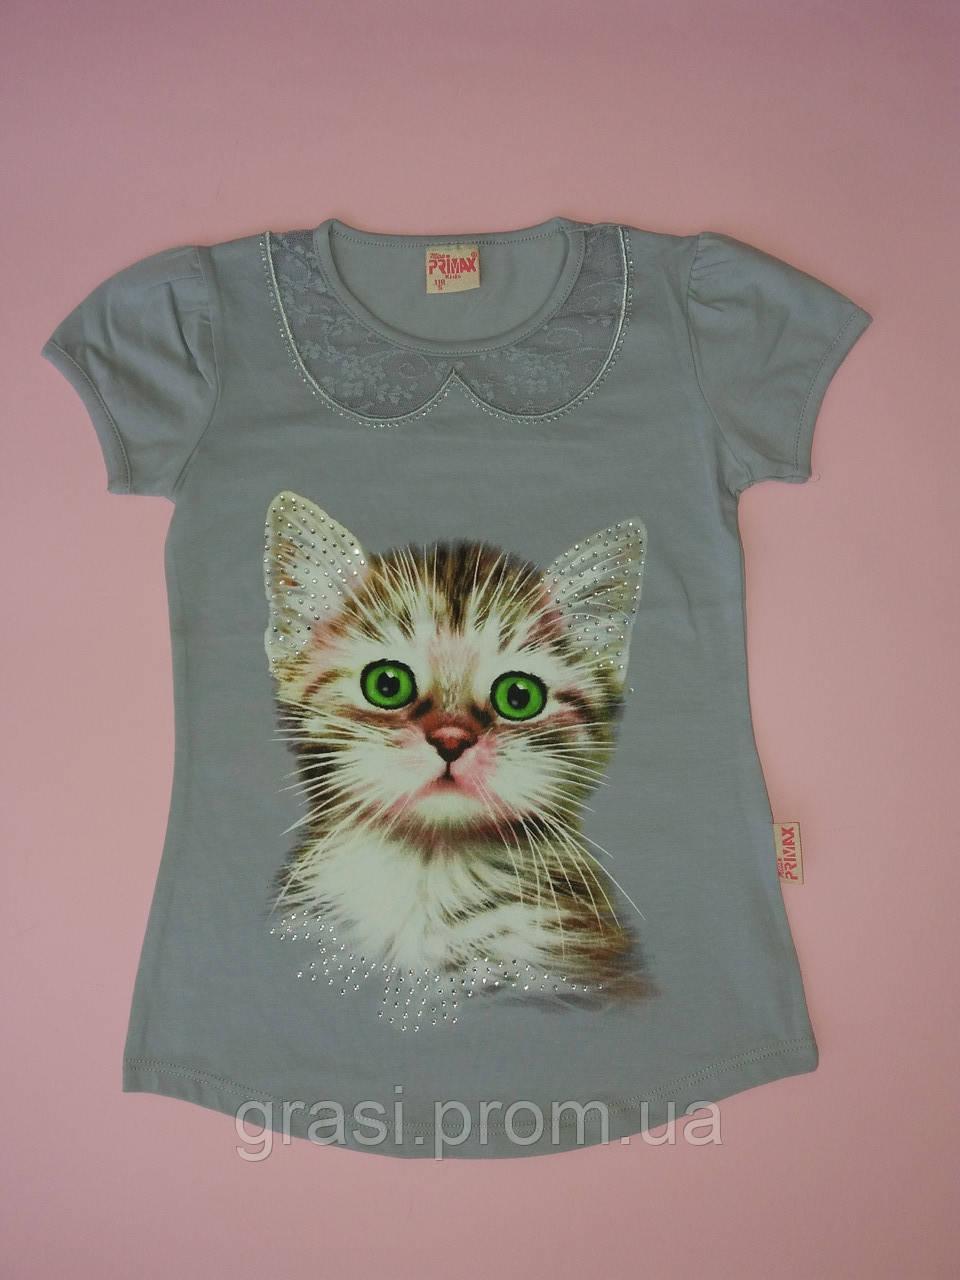 Летняя футболка для девочки 5-8 лет